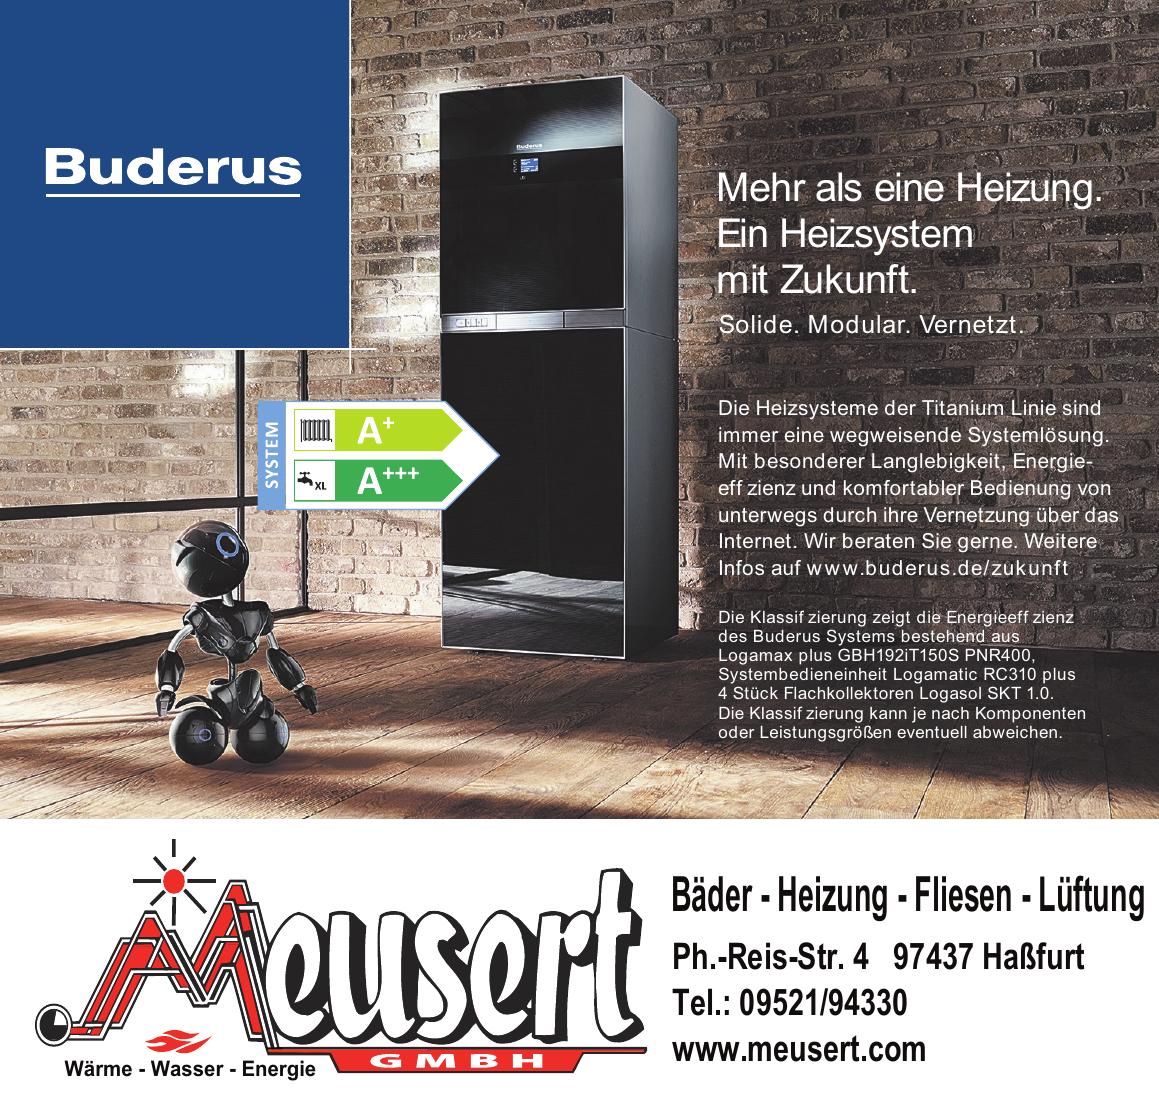 Meusert GmbH